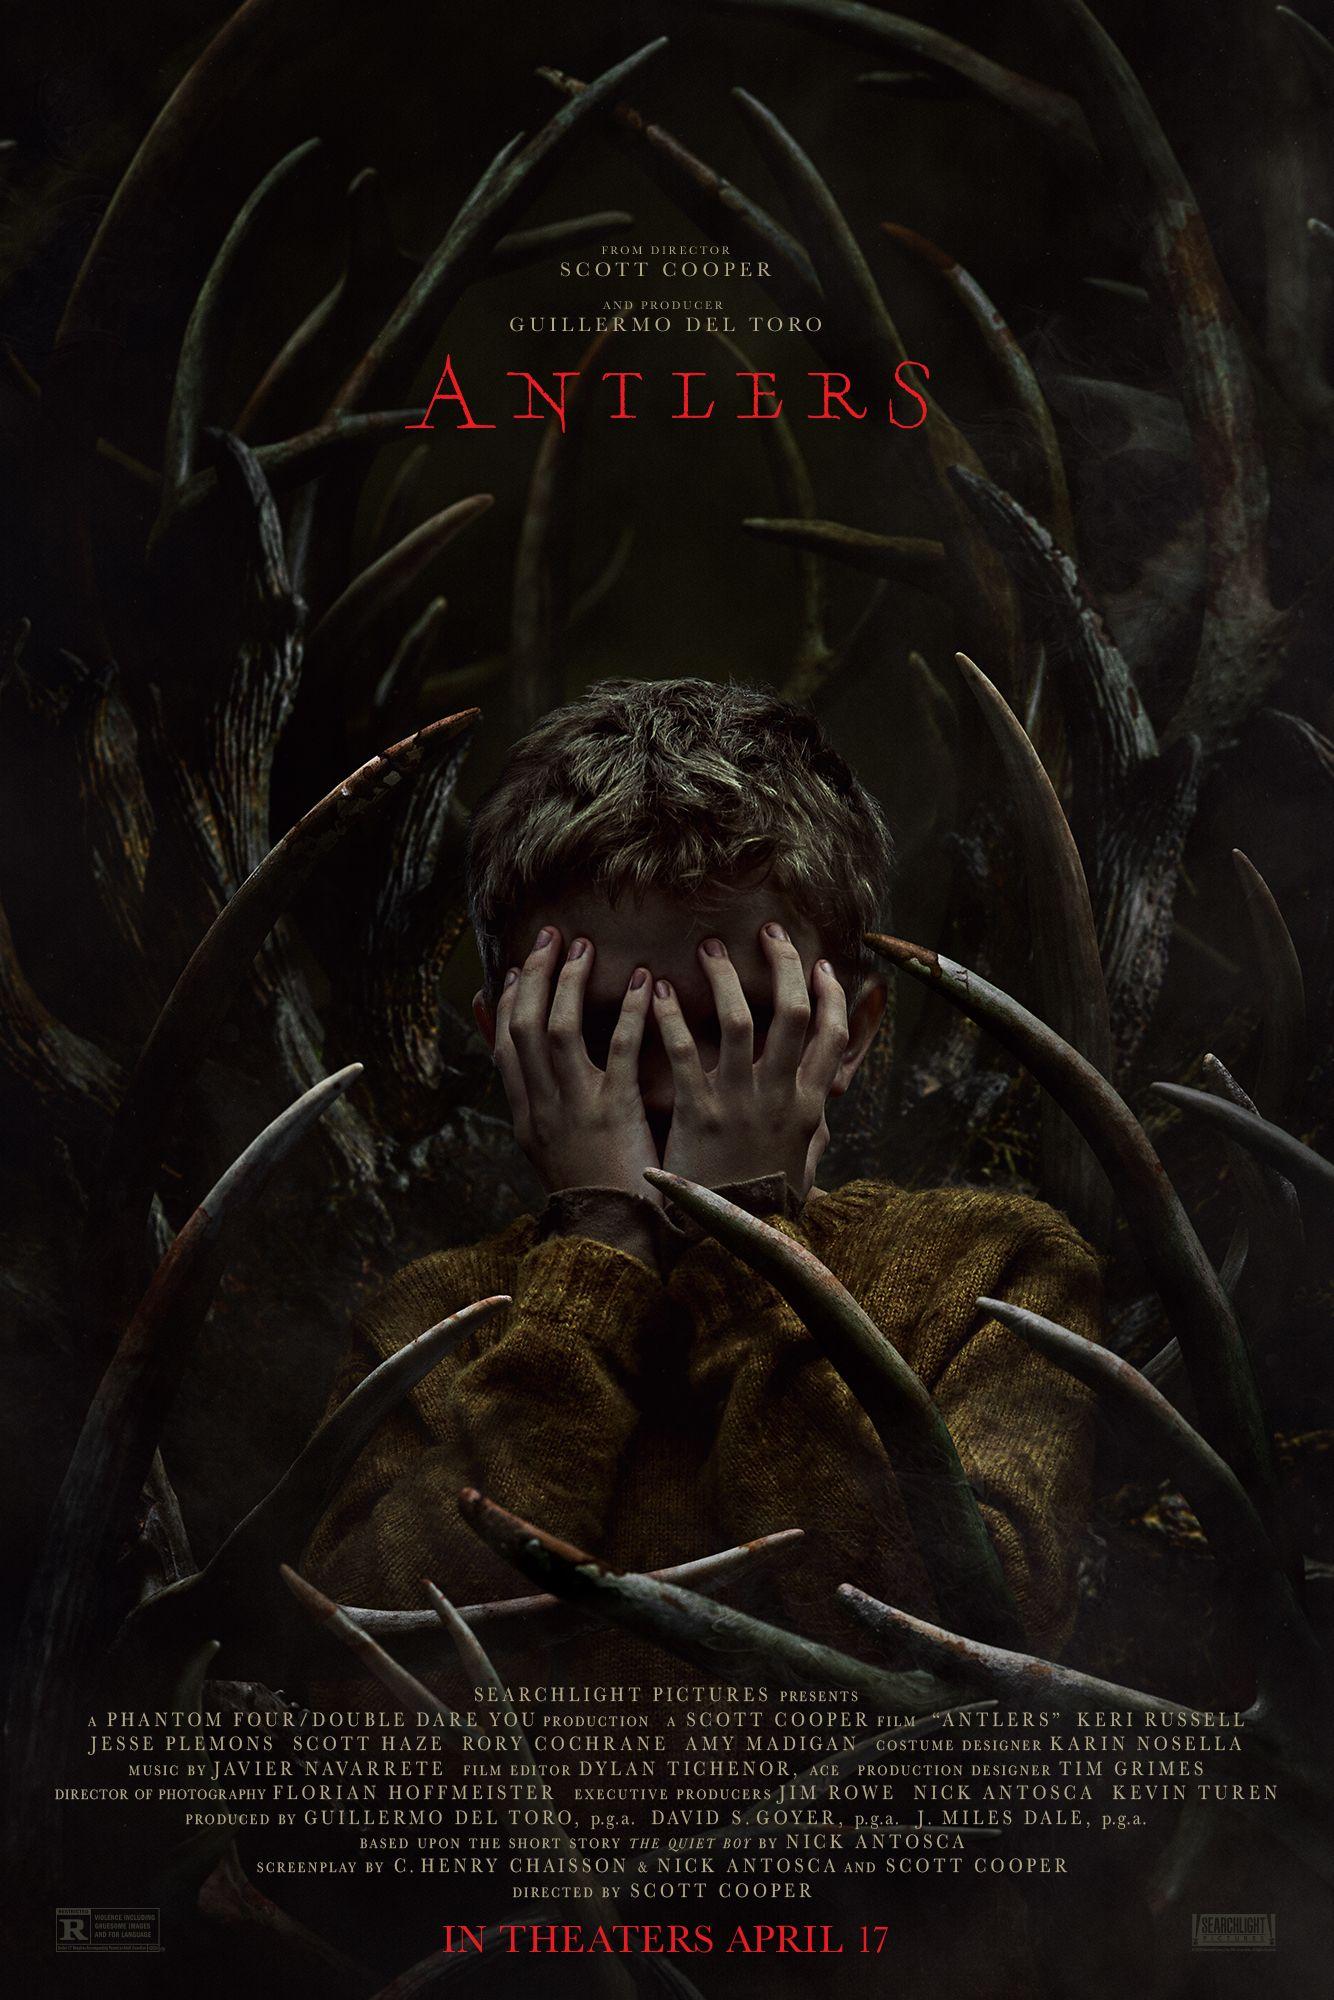 Nuevo póster de 'Antlers', uno de los títulos más esperados del año - Aullidos.com